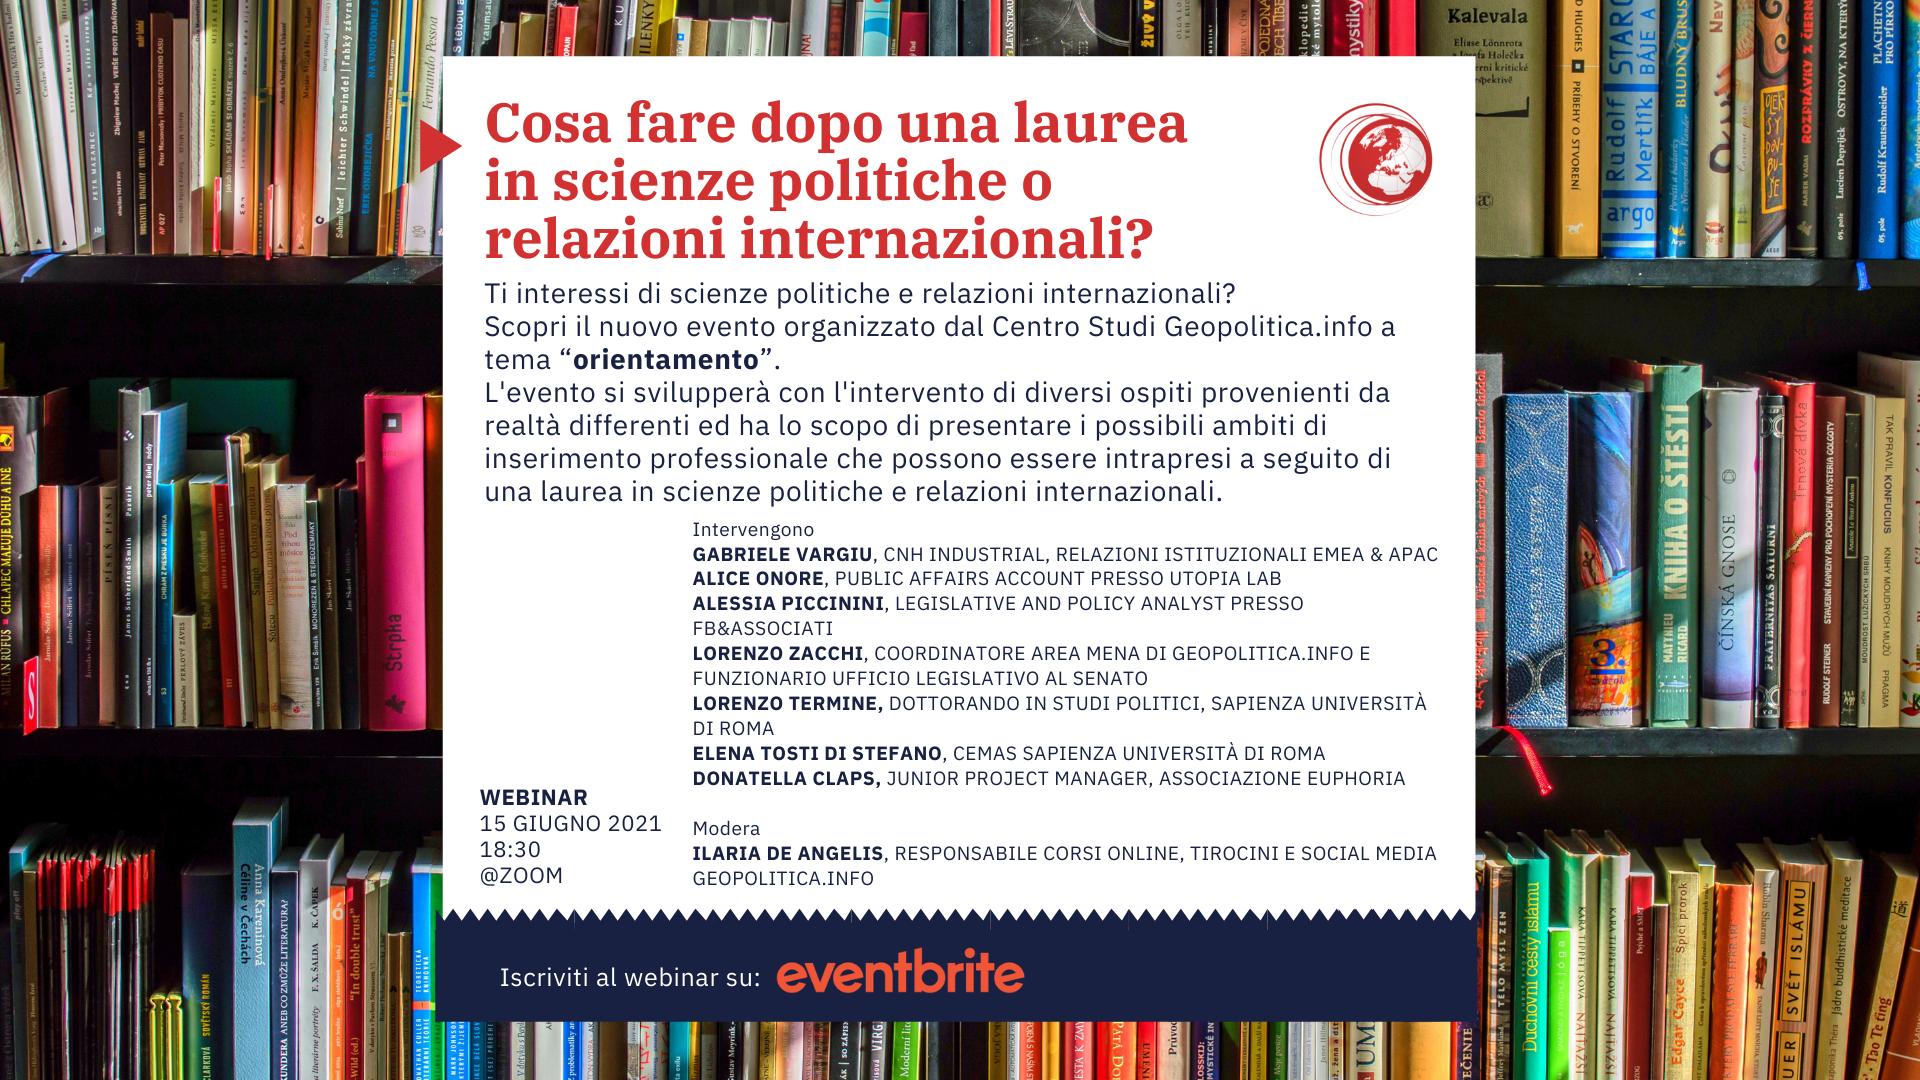 Cosa fare dopo una laurea in scienze politiche e relazioni internazionali? – martedì 15 giugno, ore 18.30 – Webinar @zoom - Geopolitica.info